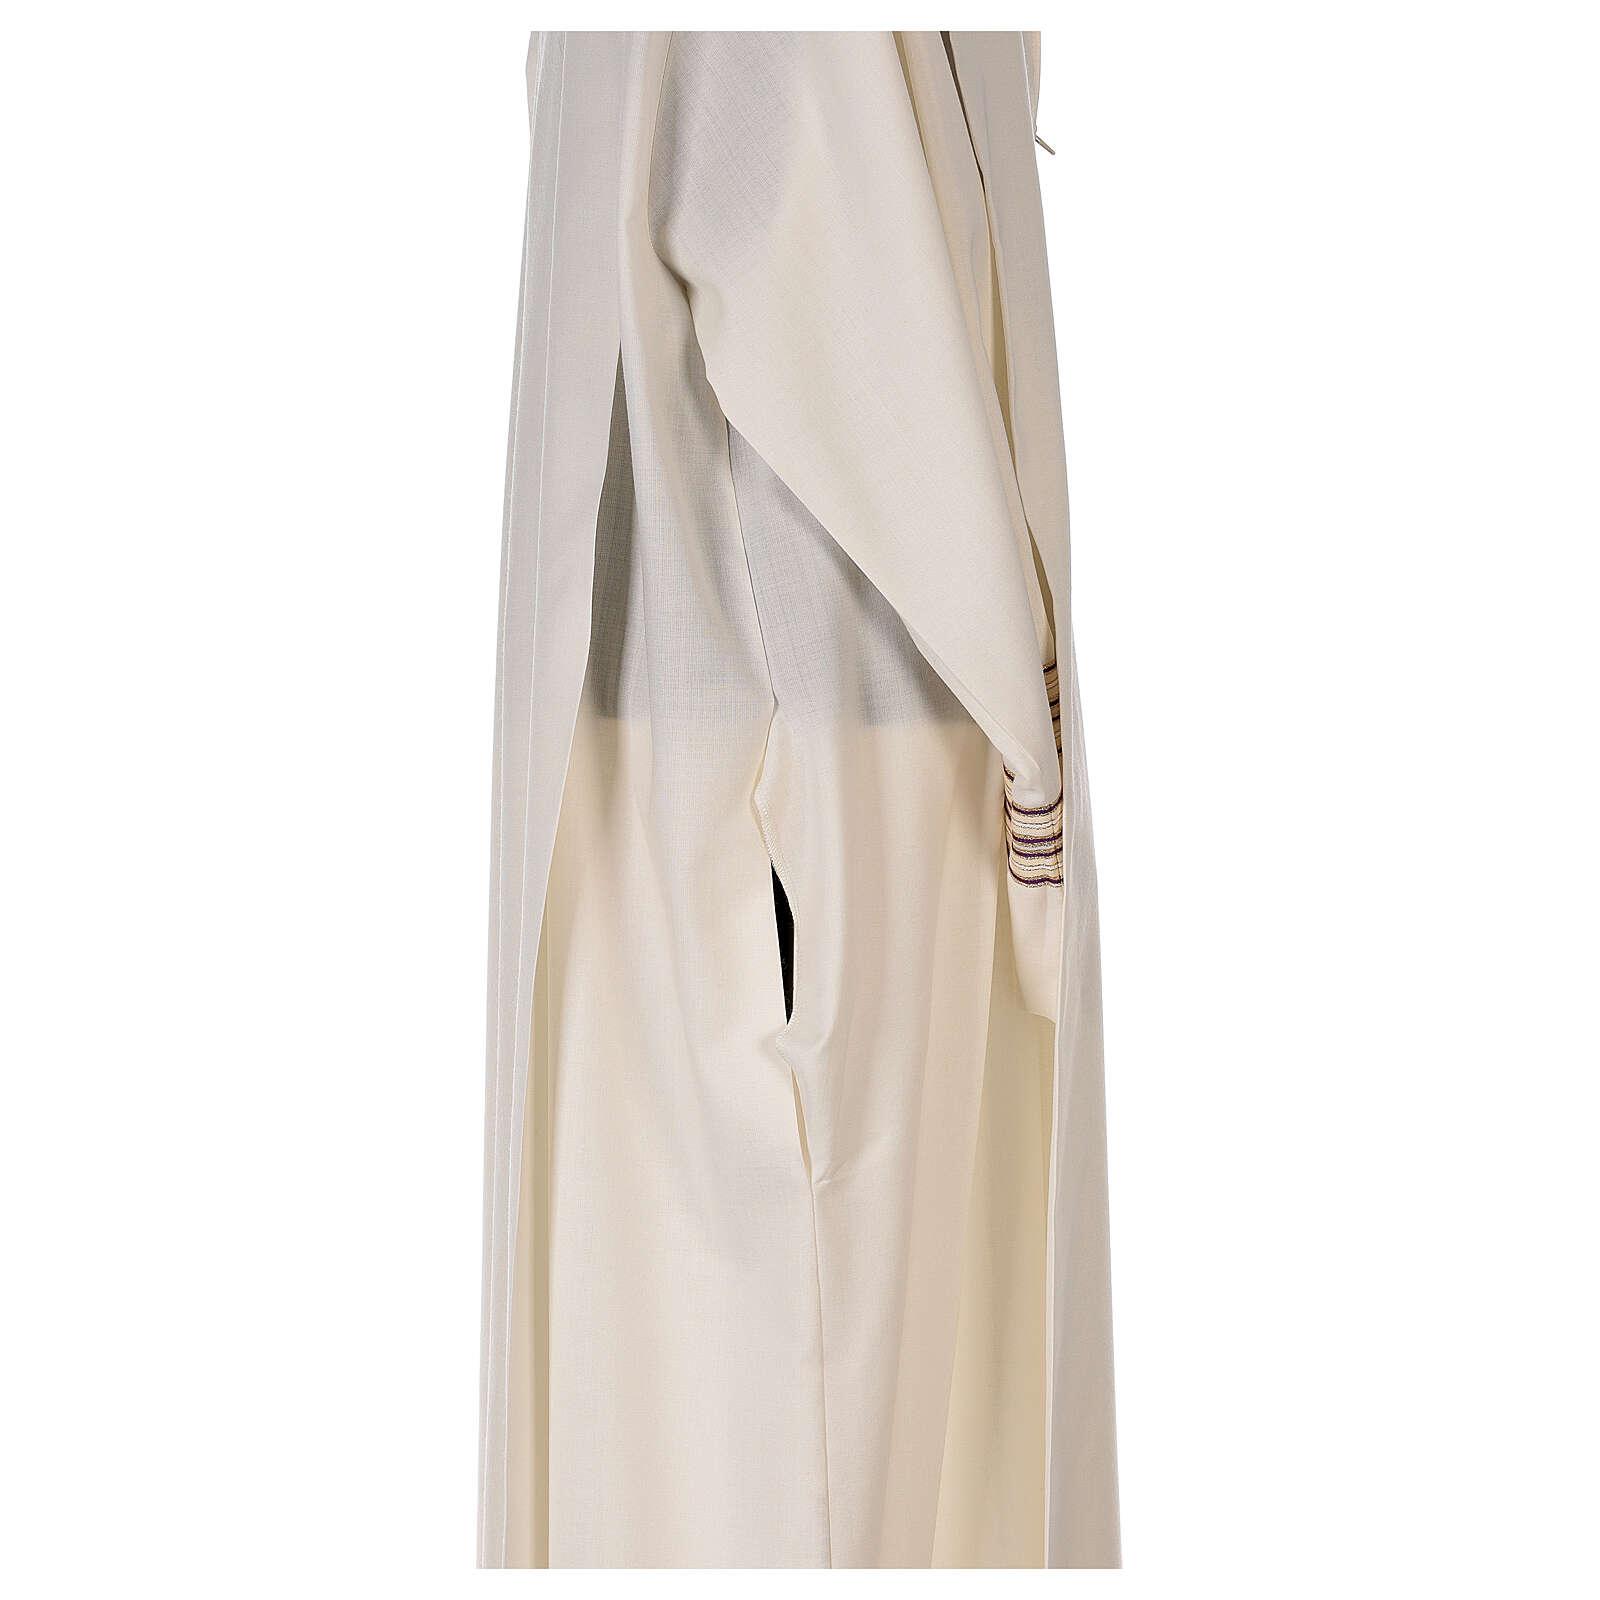 Camice 55% poliestere 45% lana righe oro viola 4